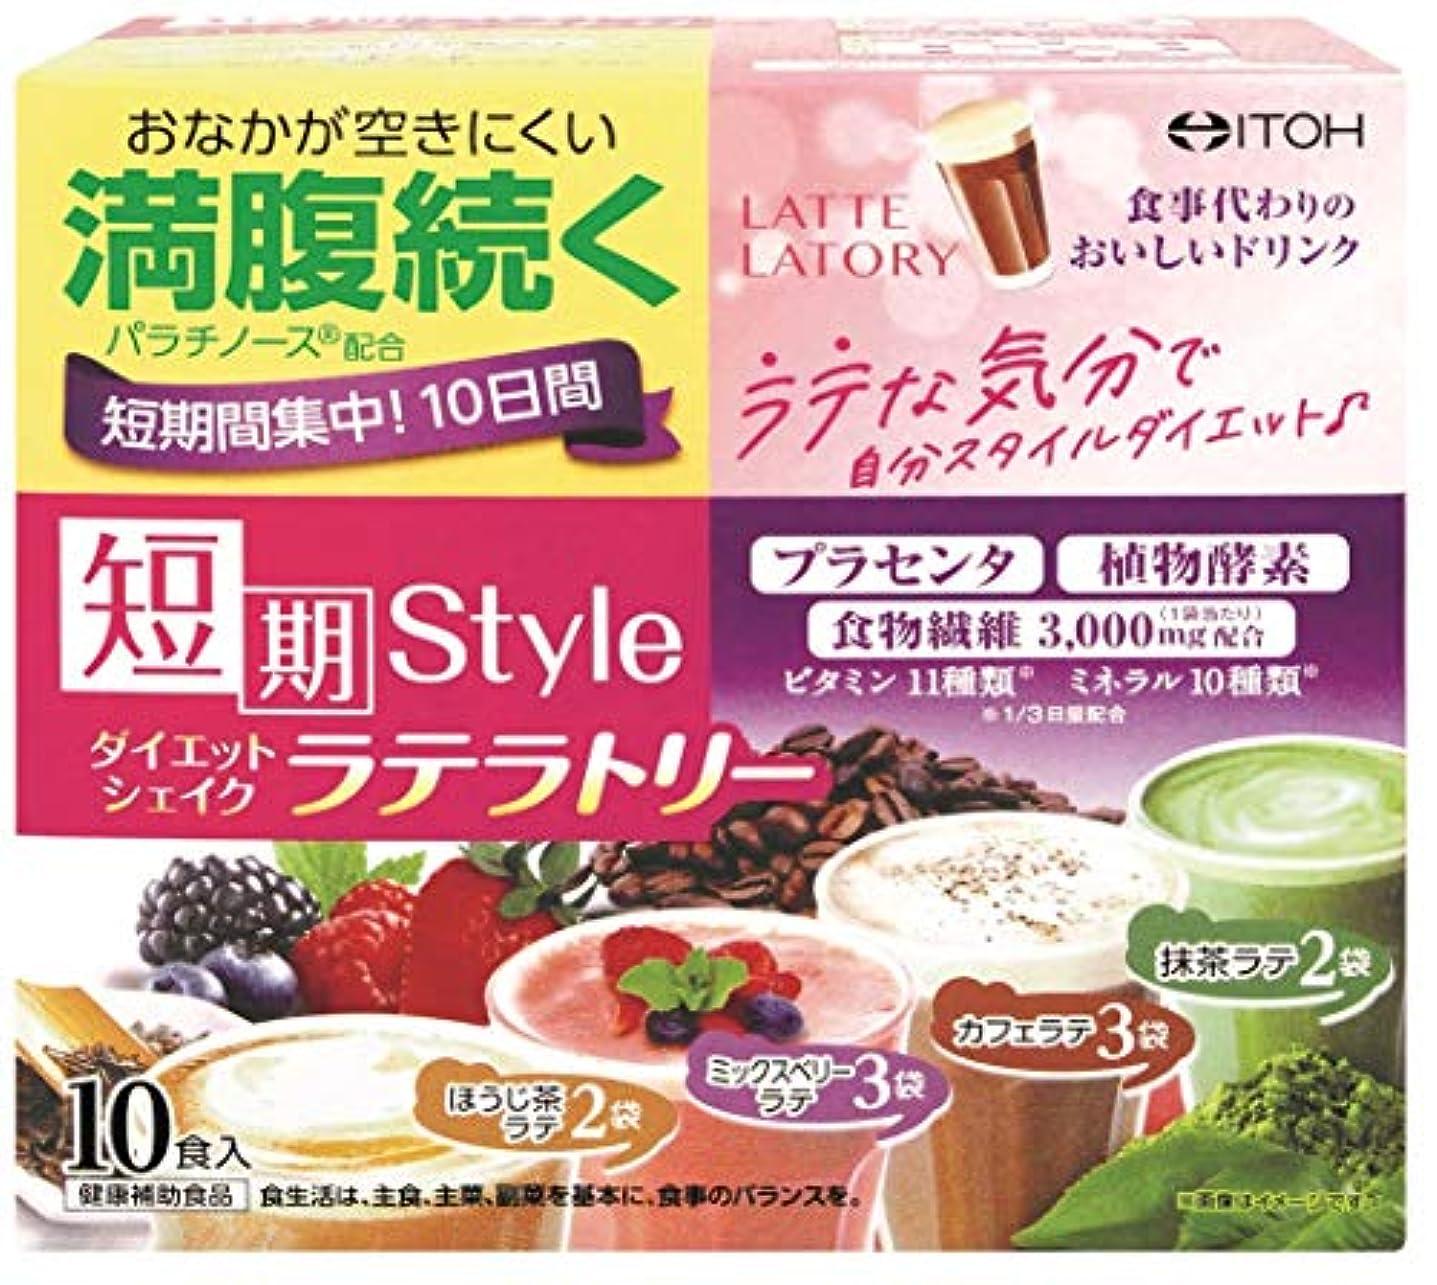 前売飼い慣らす輝く井藤漢方製薬 短期スタイルダイエットシェイク ラテラトリー 10食分 25g×10袋